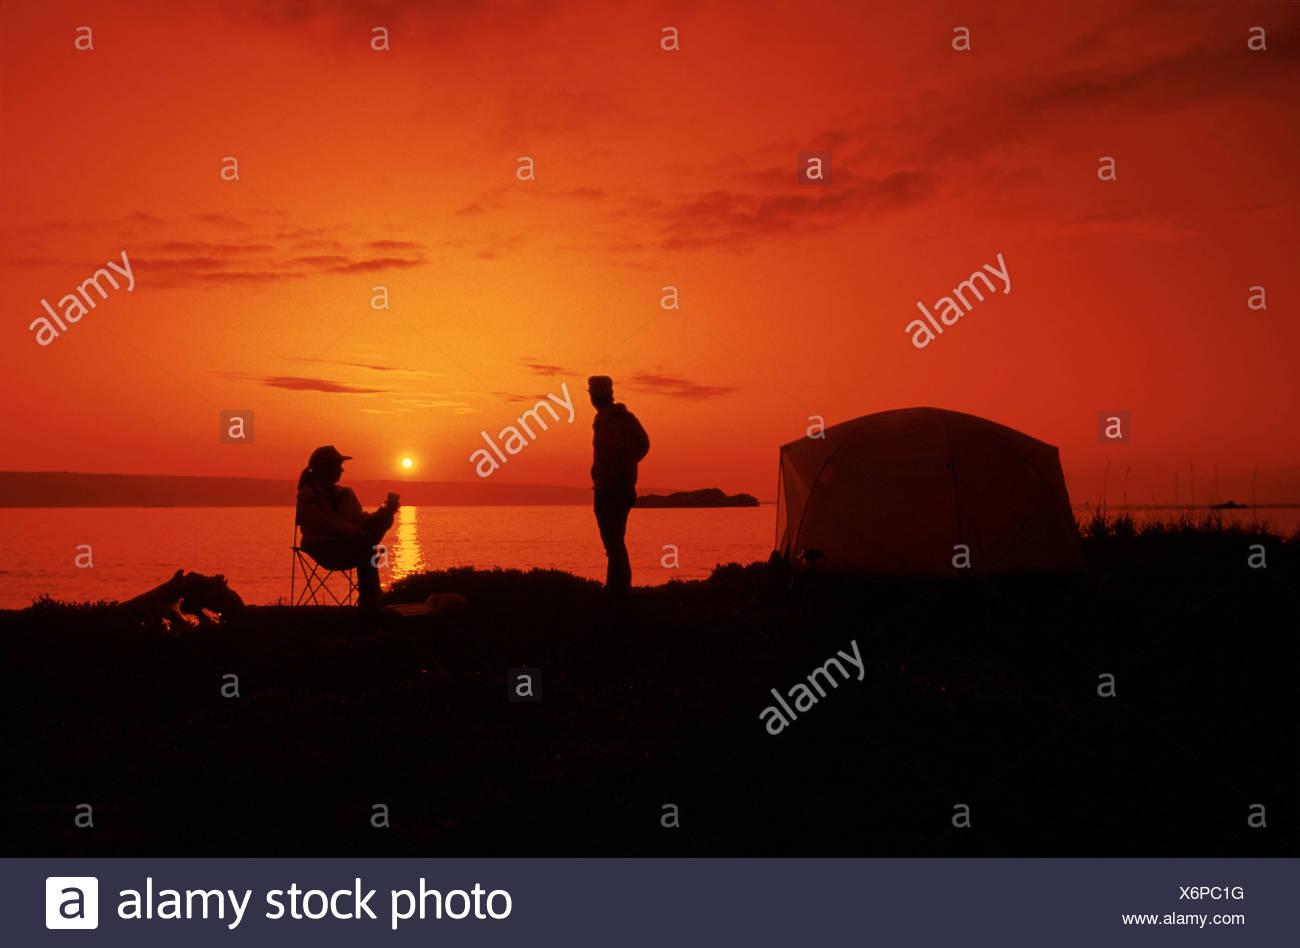 Kachemak Bay in der Nähe von Homer Sonnenuntergang Camper mit Zelt AK Yunan Sommer malerische Silhouette Stockbild